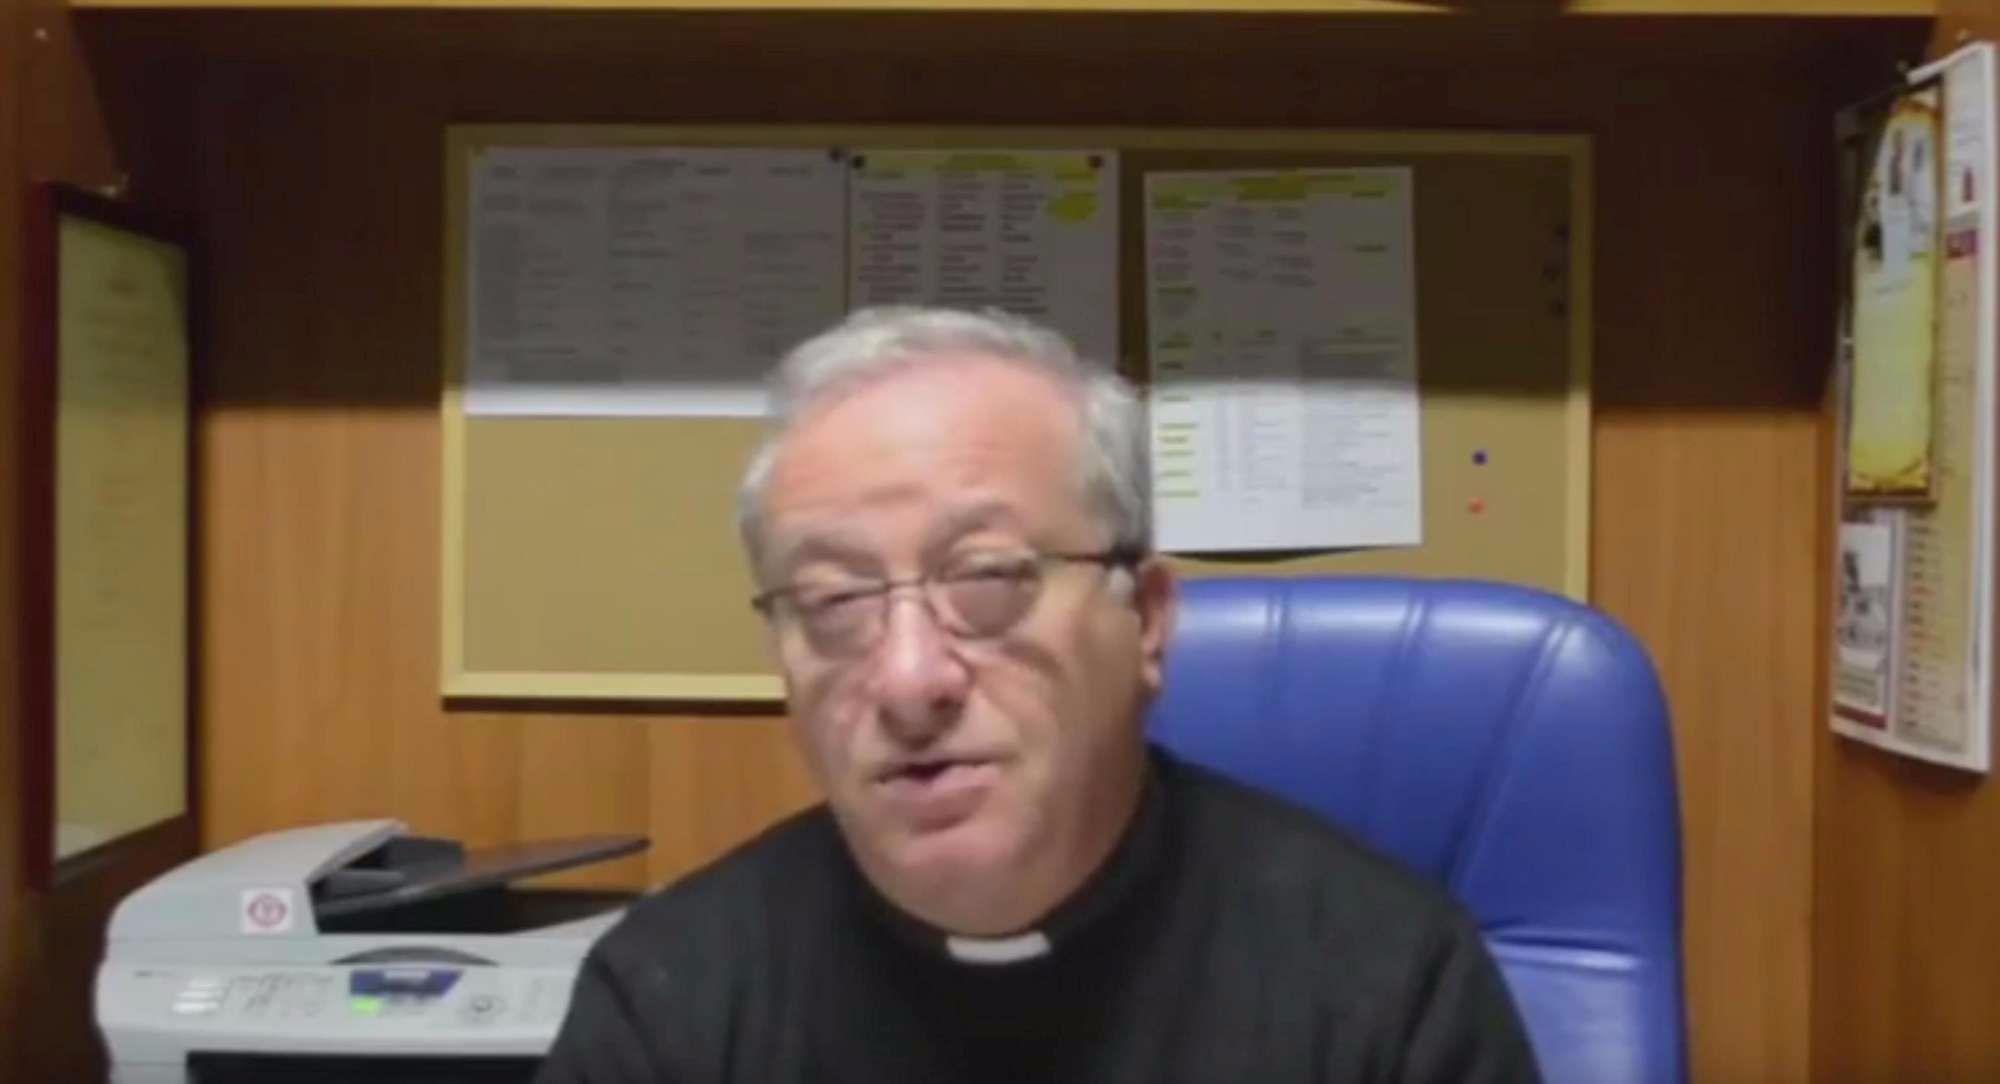 Un prete, un gestore di un centro accoglienza e gli affari sulla pelle dei migranti